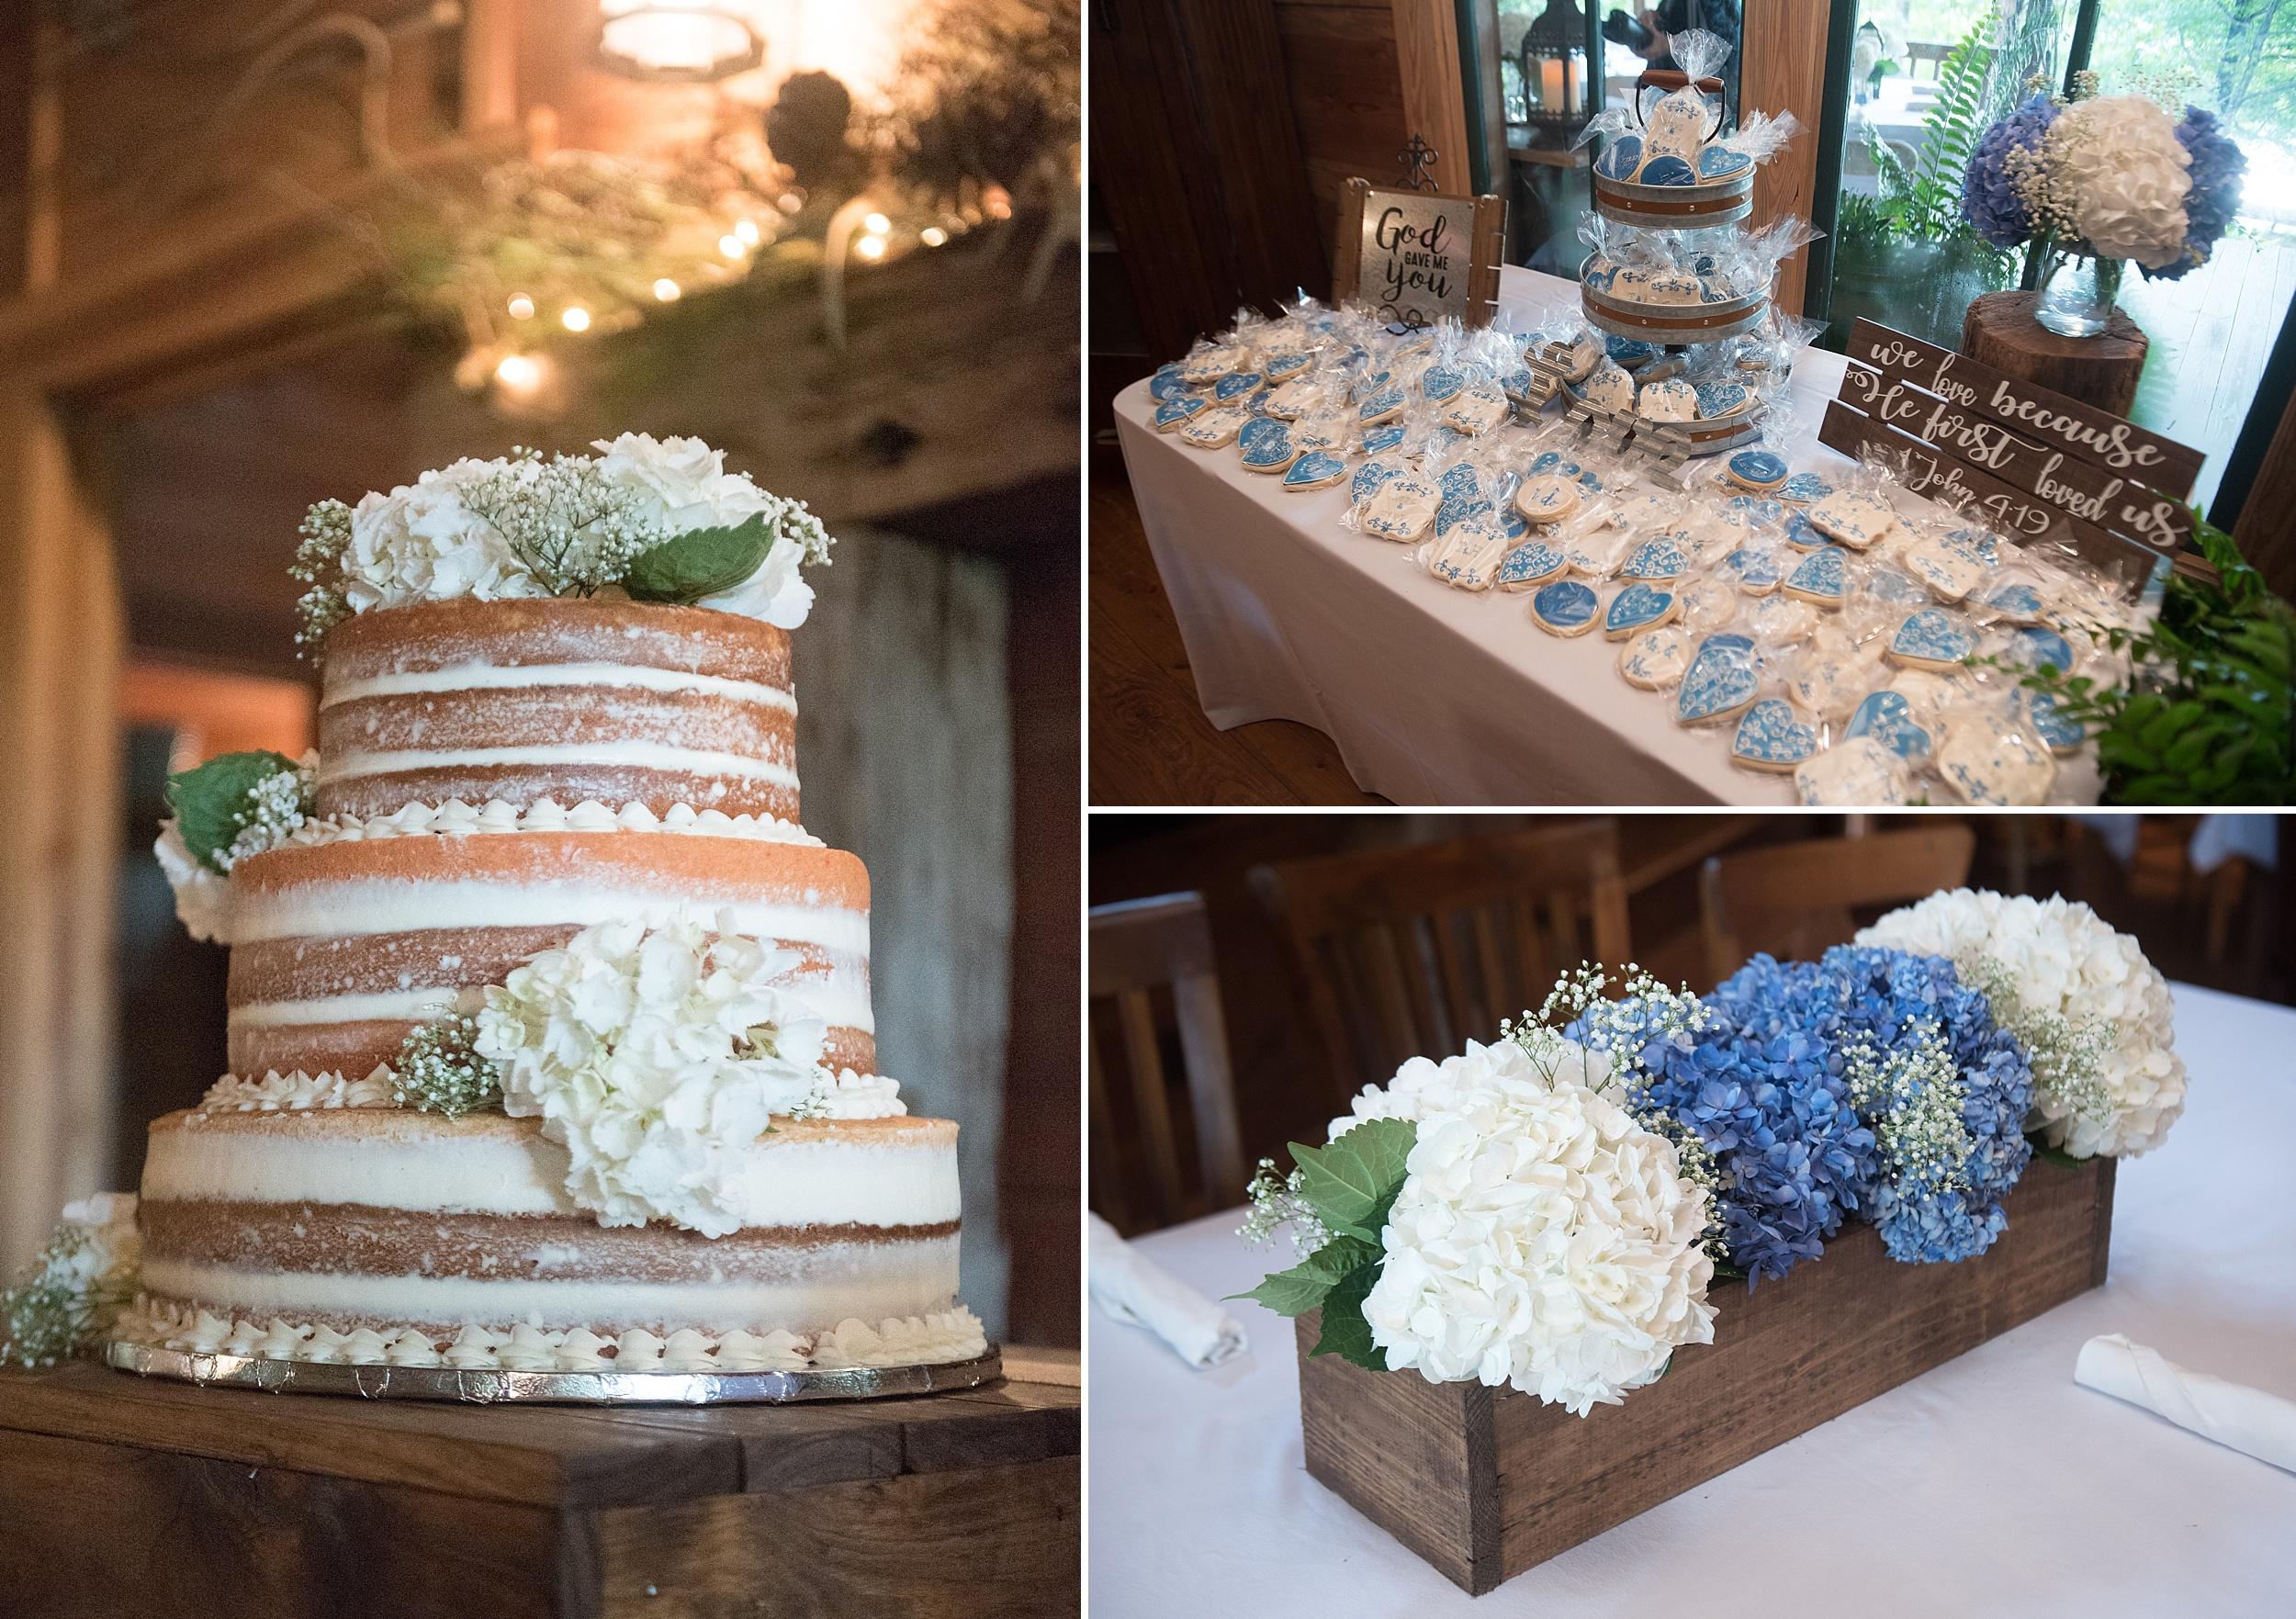 naked wedding cake decorated with white hydrangeas